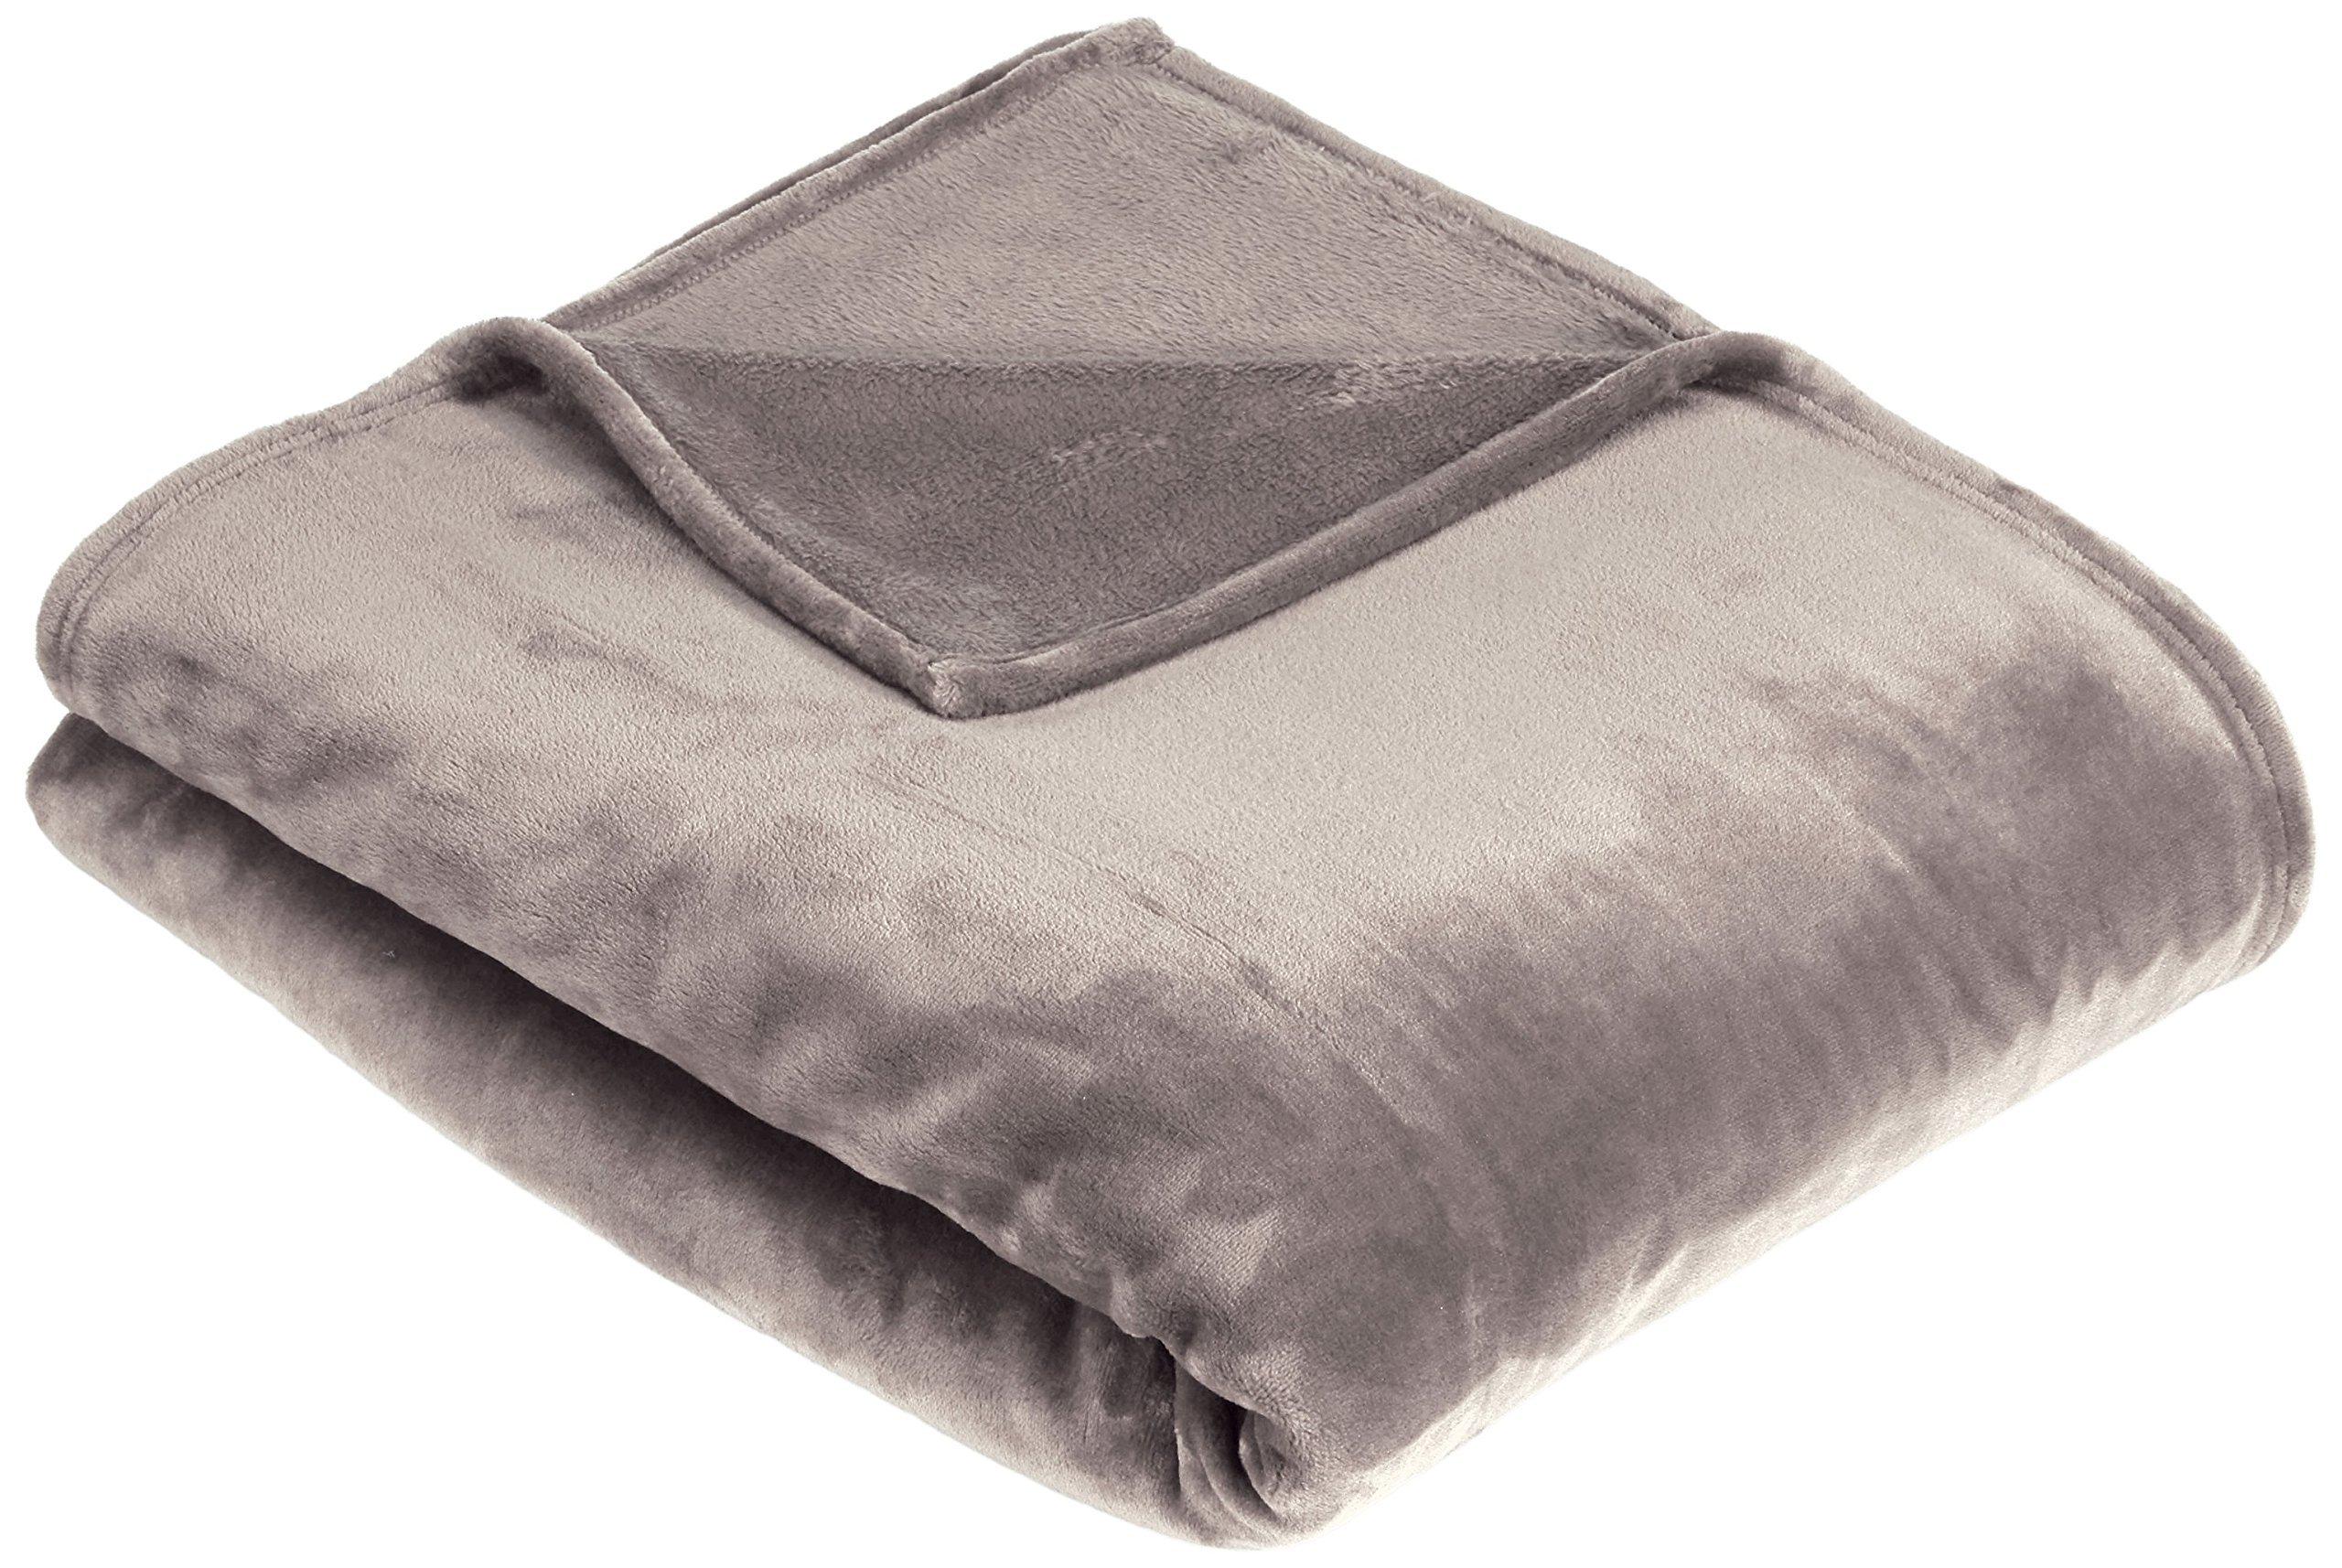 AmazonBasics - Manta suave con tacto de terciopelo, Manta, gris product image